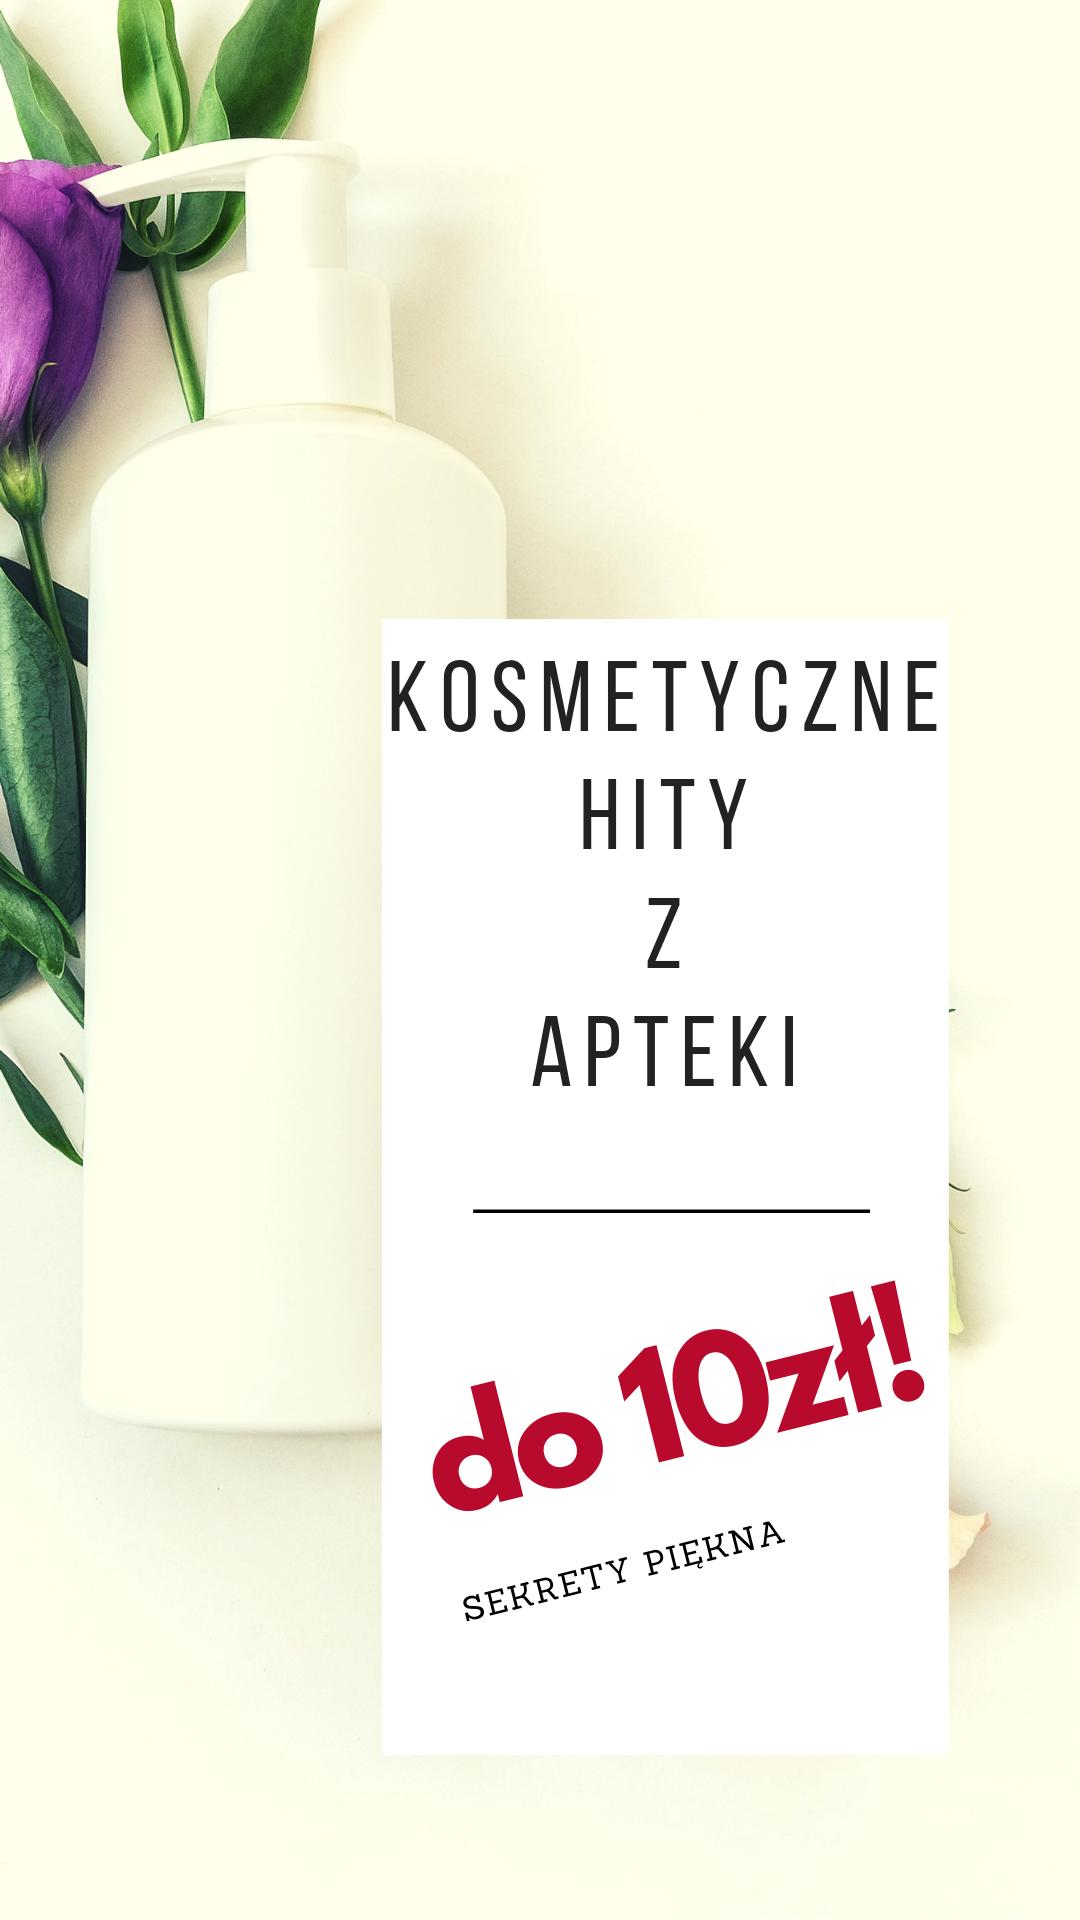 Kosmetyki Z Apteki 10zl Health And Beauty Face Care Body Health